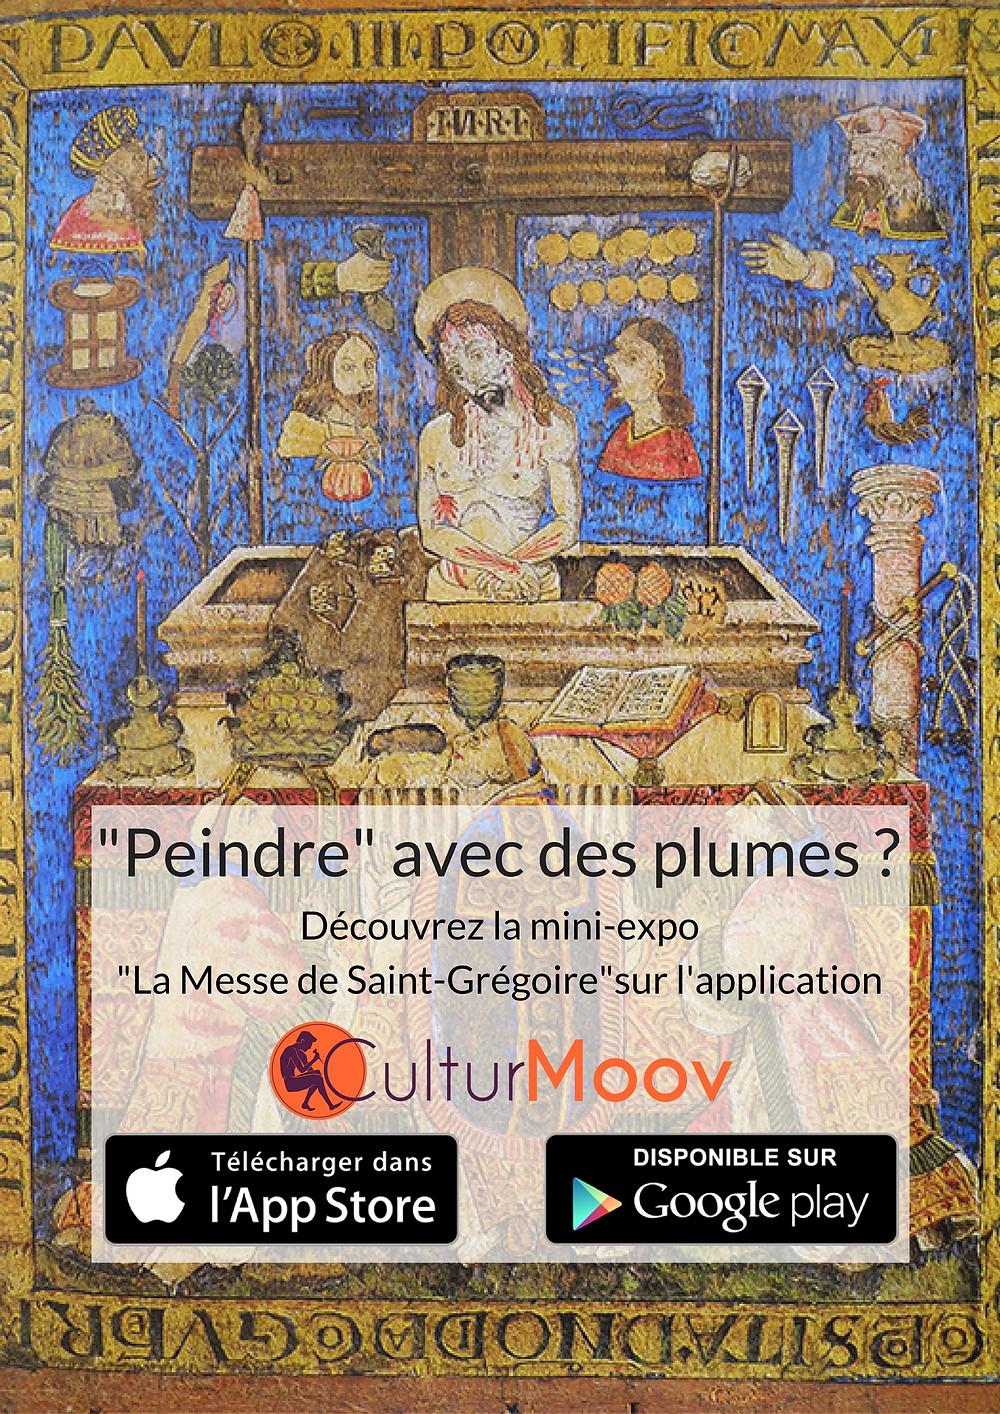 Mini expo CulturMoov sur la Messe de Saint Grégoire